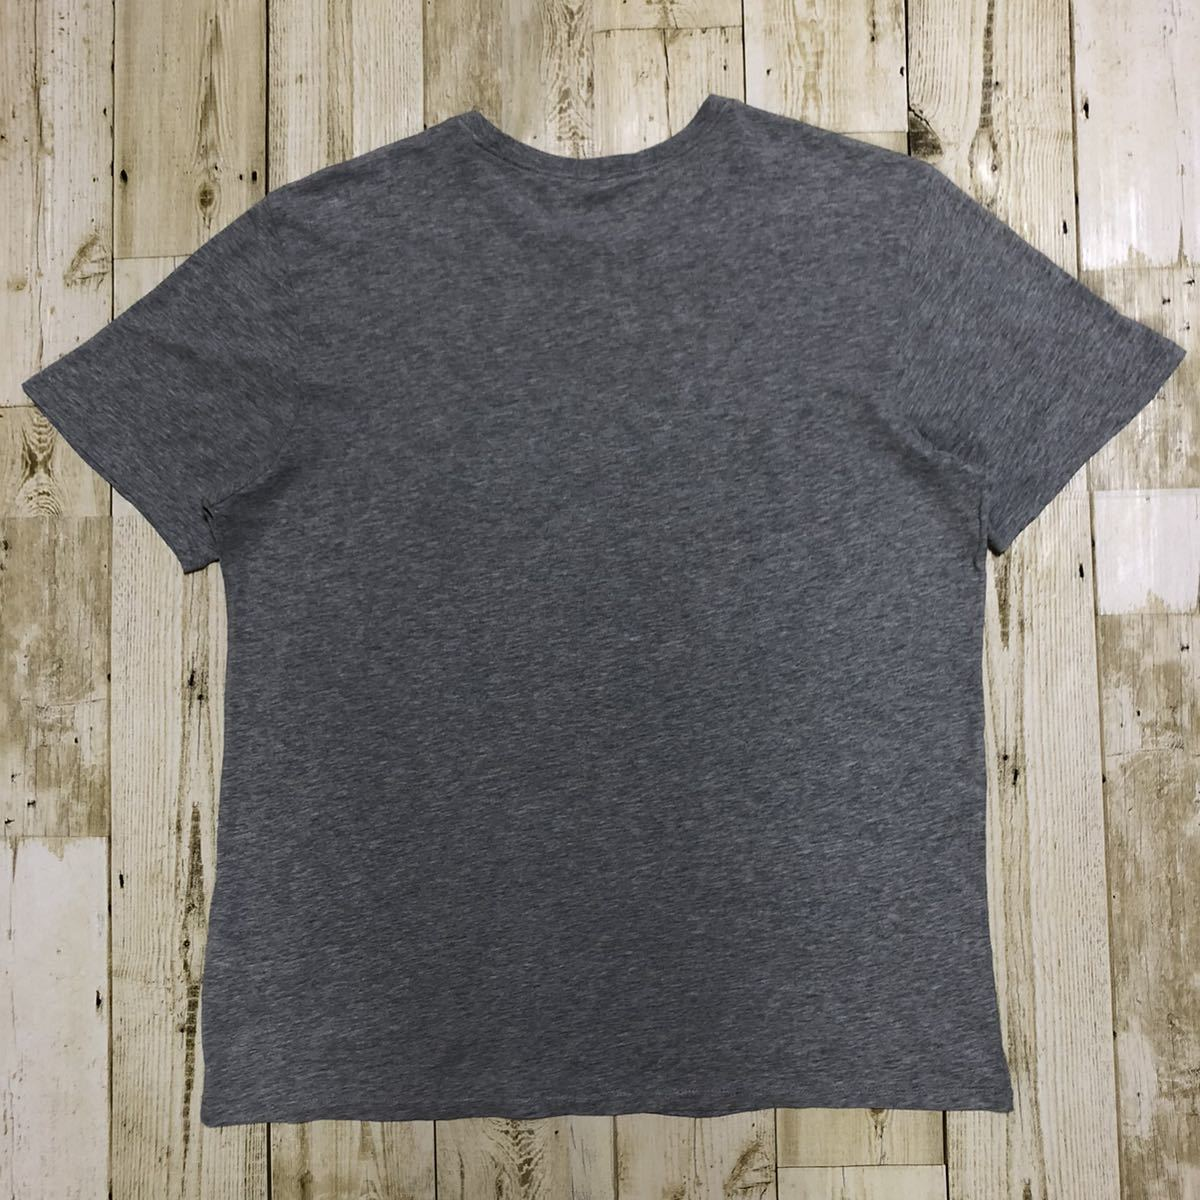 ナイキ NIKE F.C. メタリックゴールド パイソン柄 ヘビ柄 スネークパターン ビッグプリント ロゴタグ 裾タグ 半袖Tシャツ Tee XL 古着